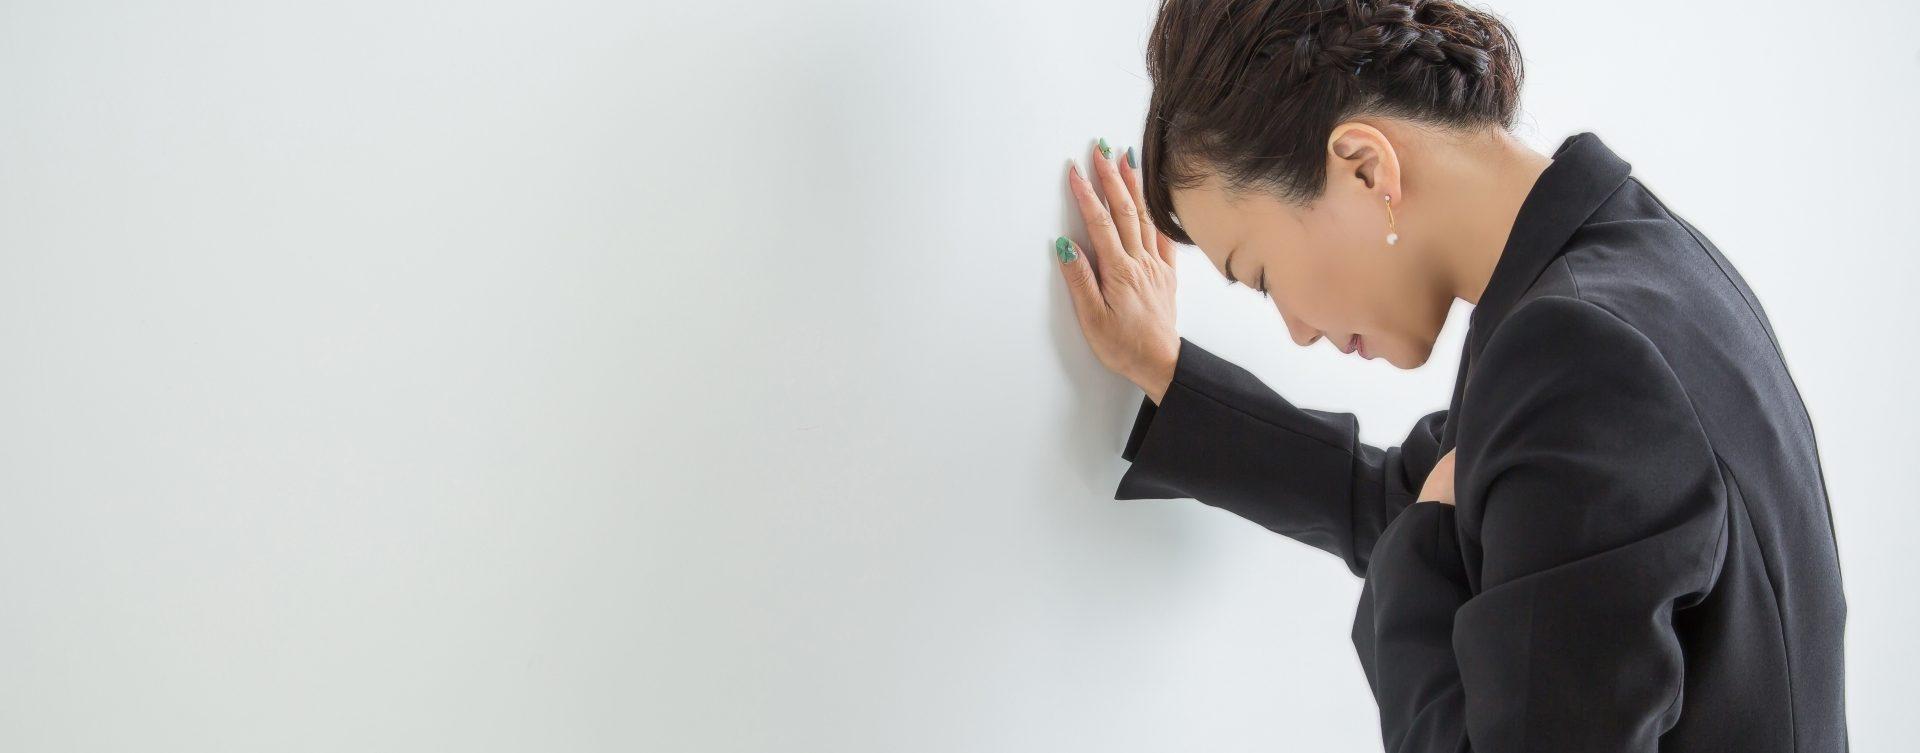 消化器内科|盛岡市本宮の鎌田内科クリニック